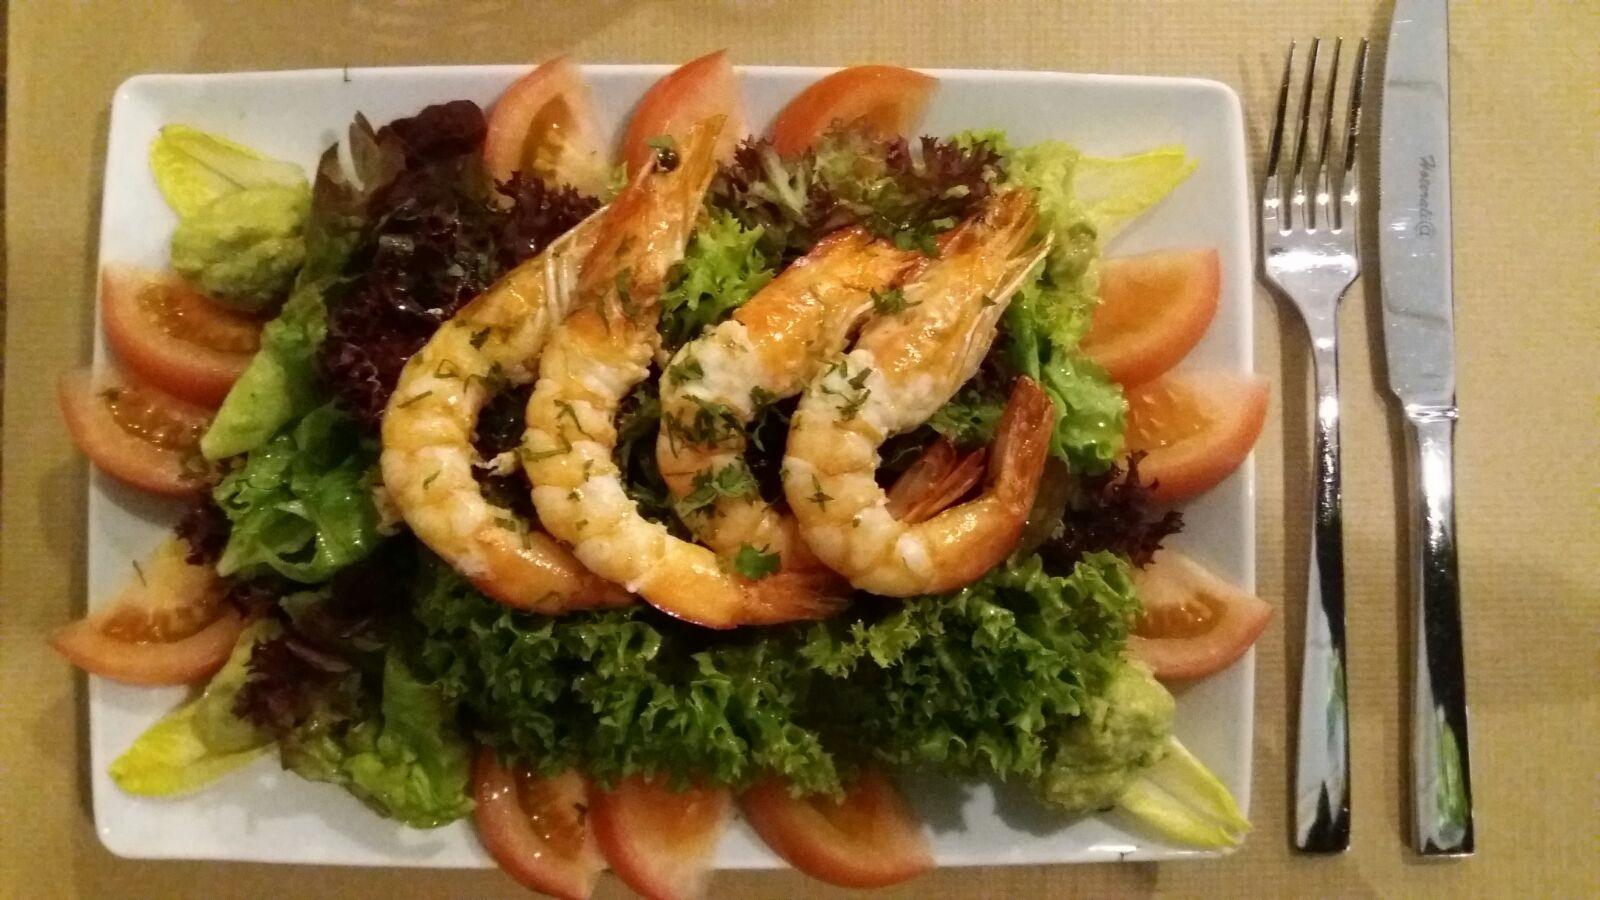 Ensalada con langostinos y variedad de lechugas